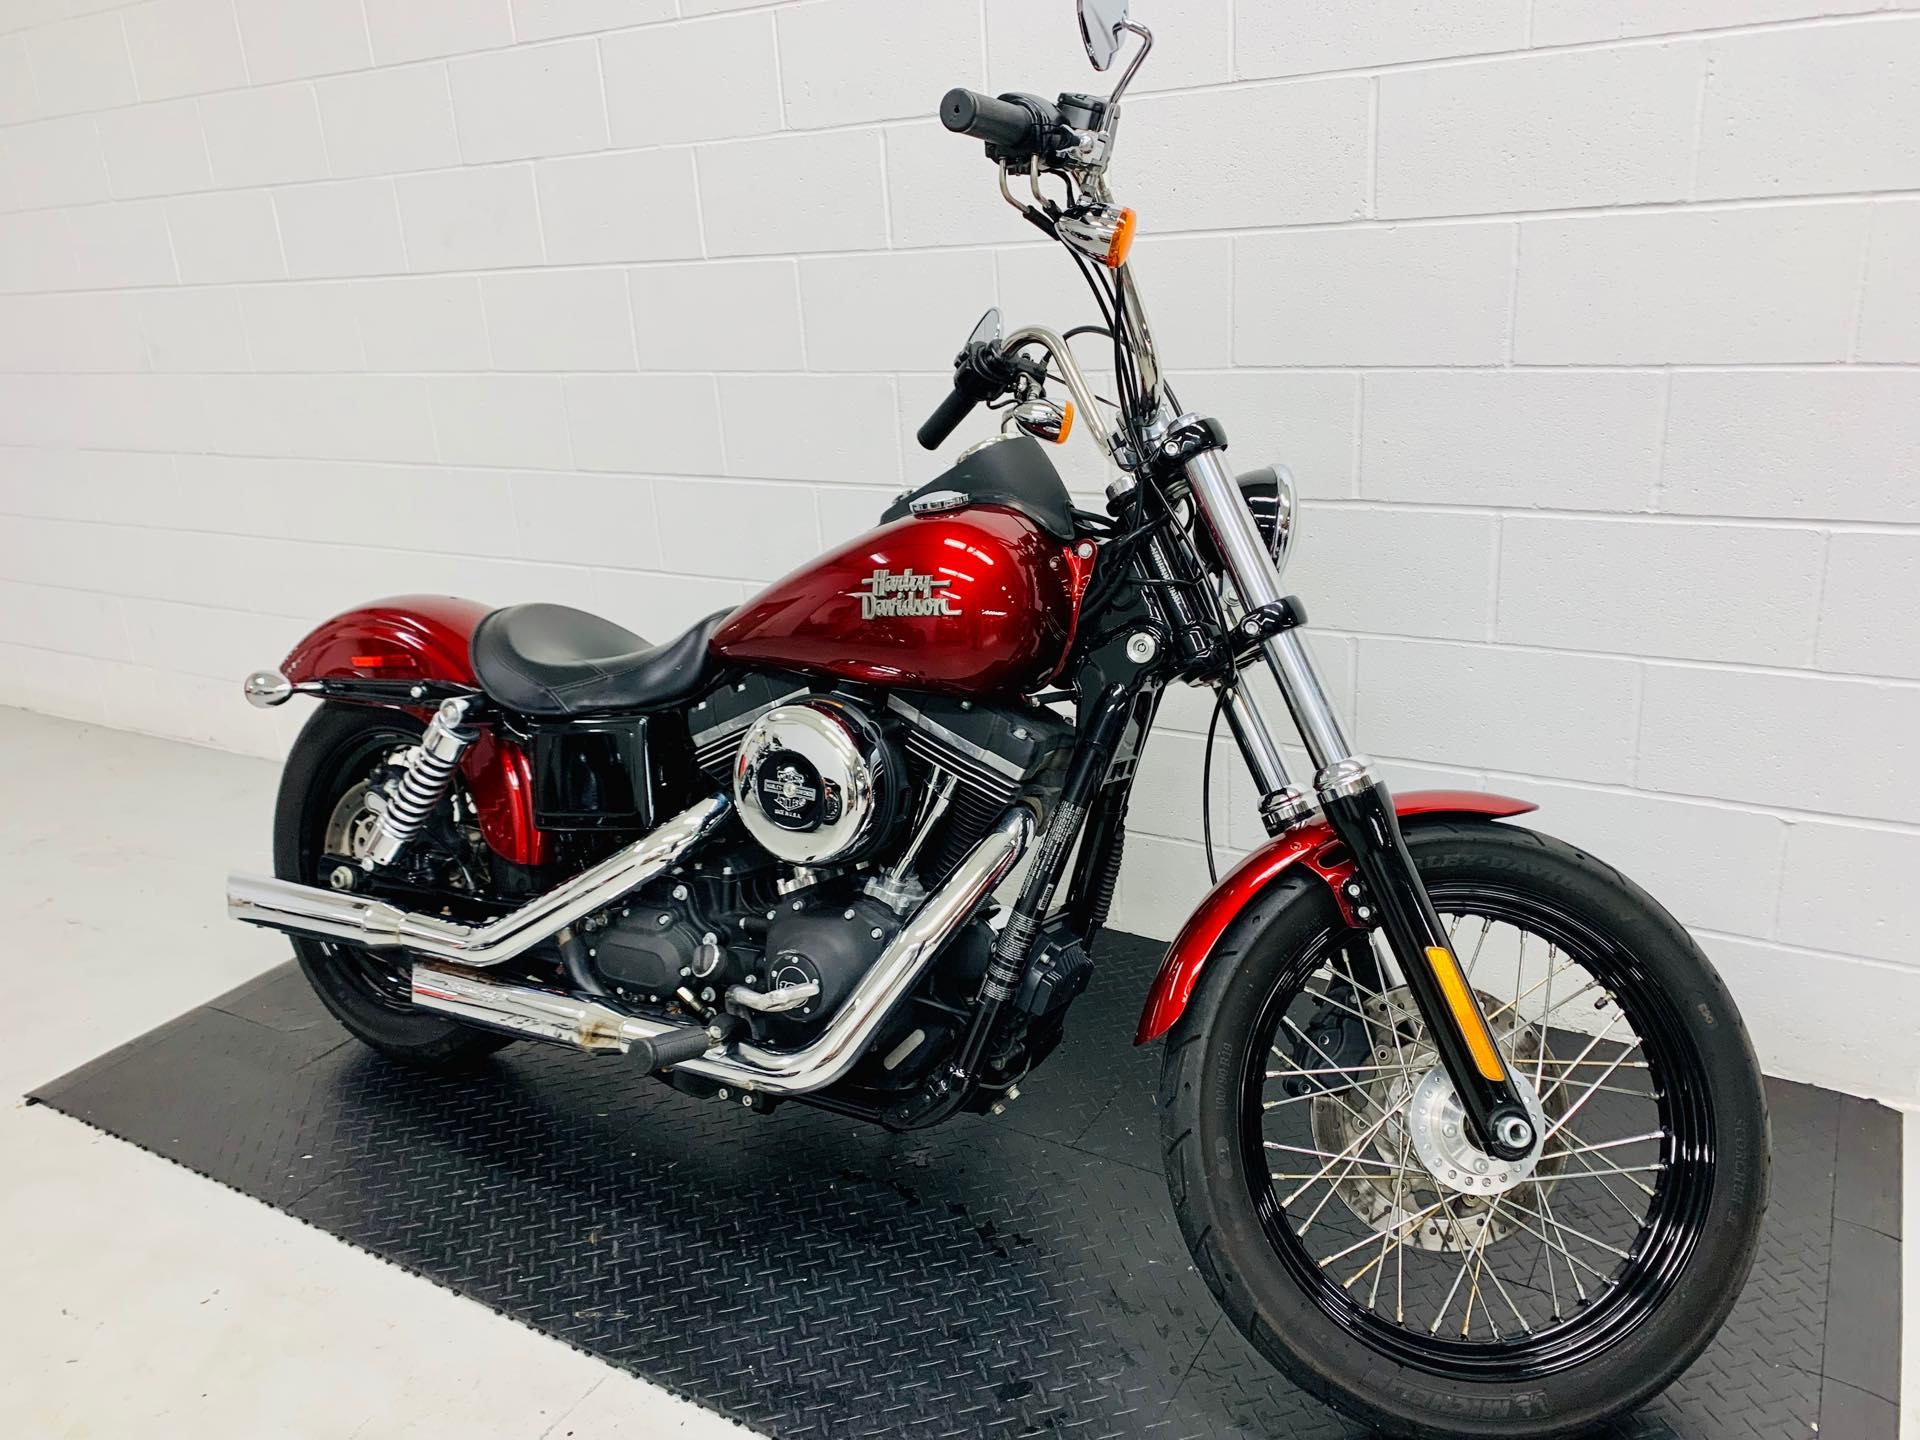 2016 Harley-Davidson Dyna Street Bob at Destination Harley-Davidson®, Silverdale, WA 98383